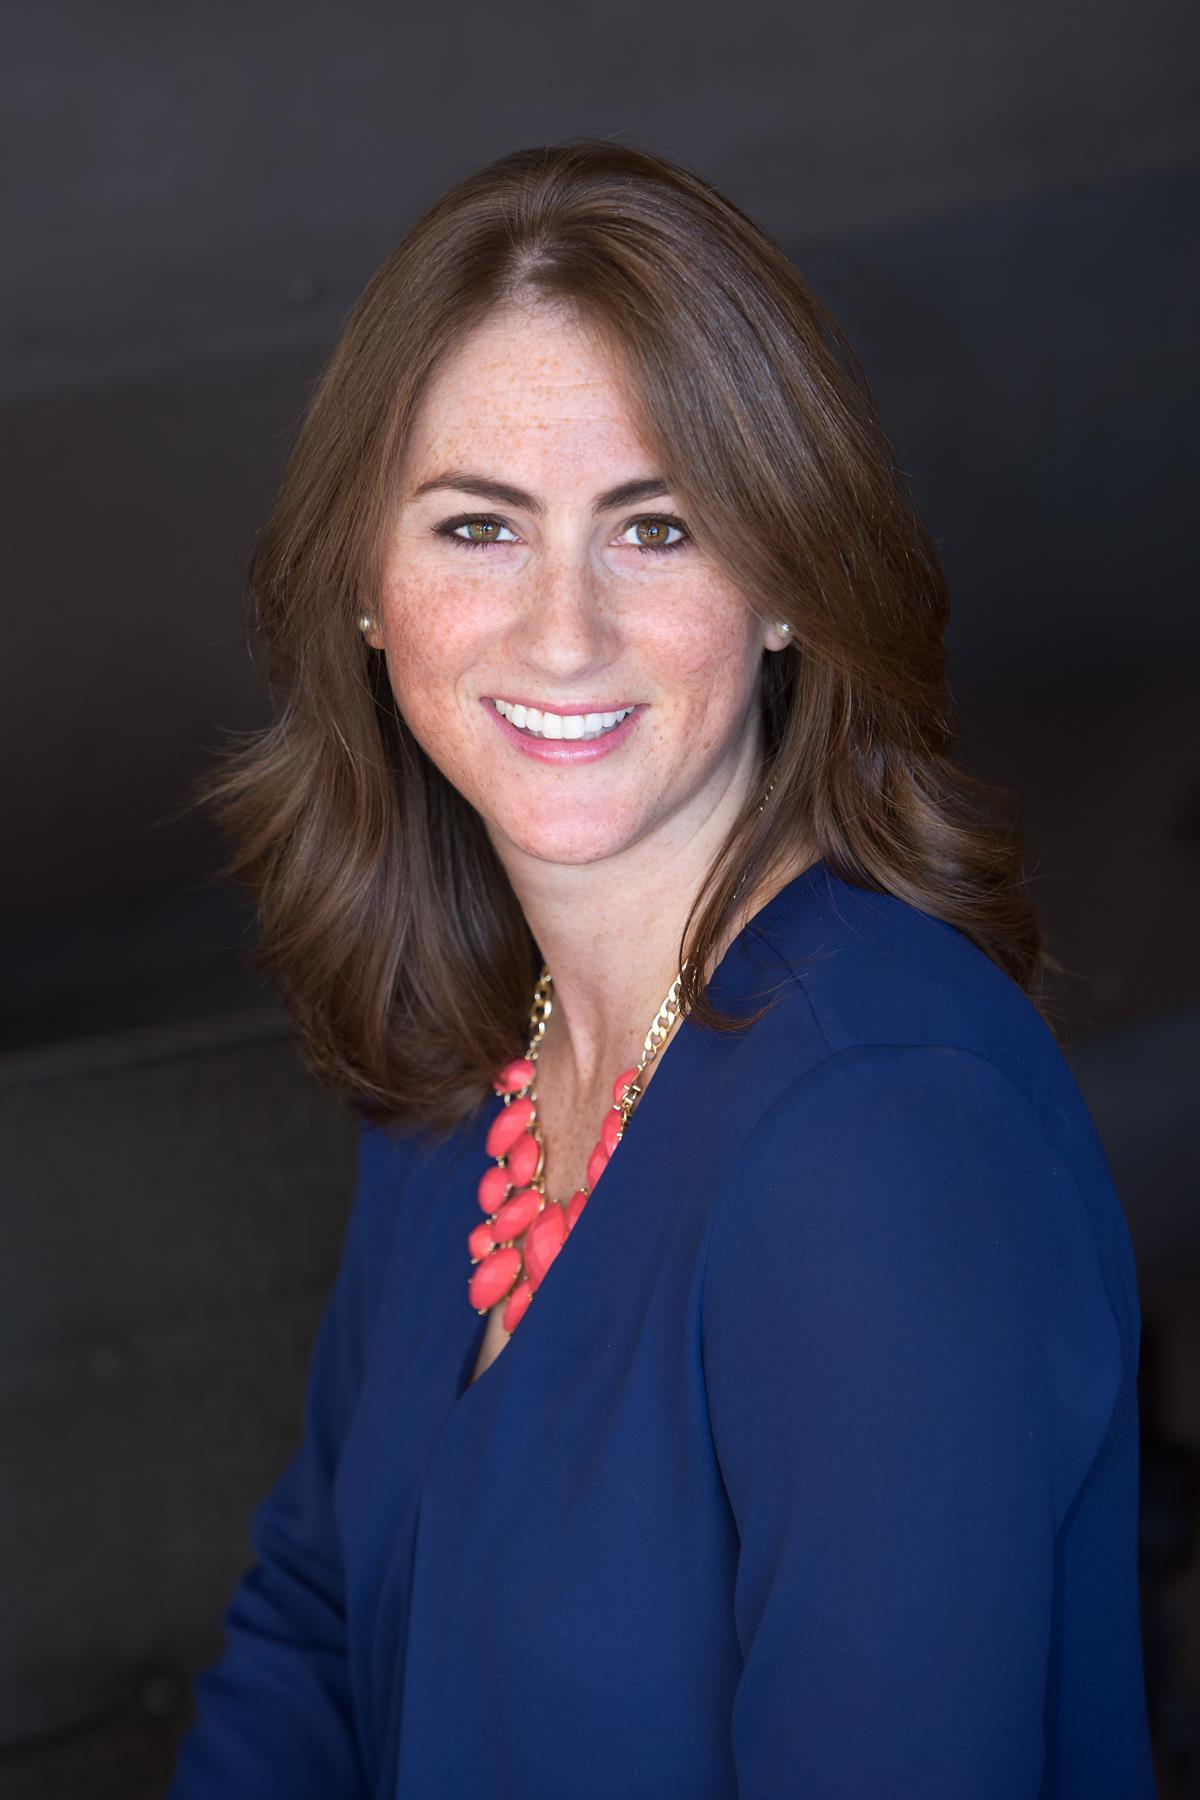 Kelly Tierney